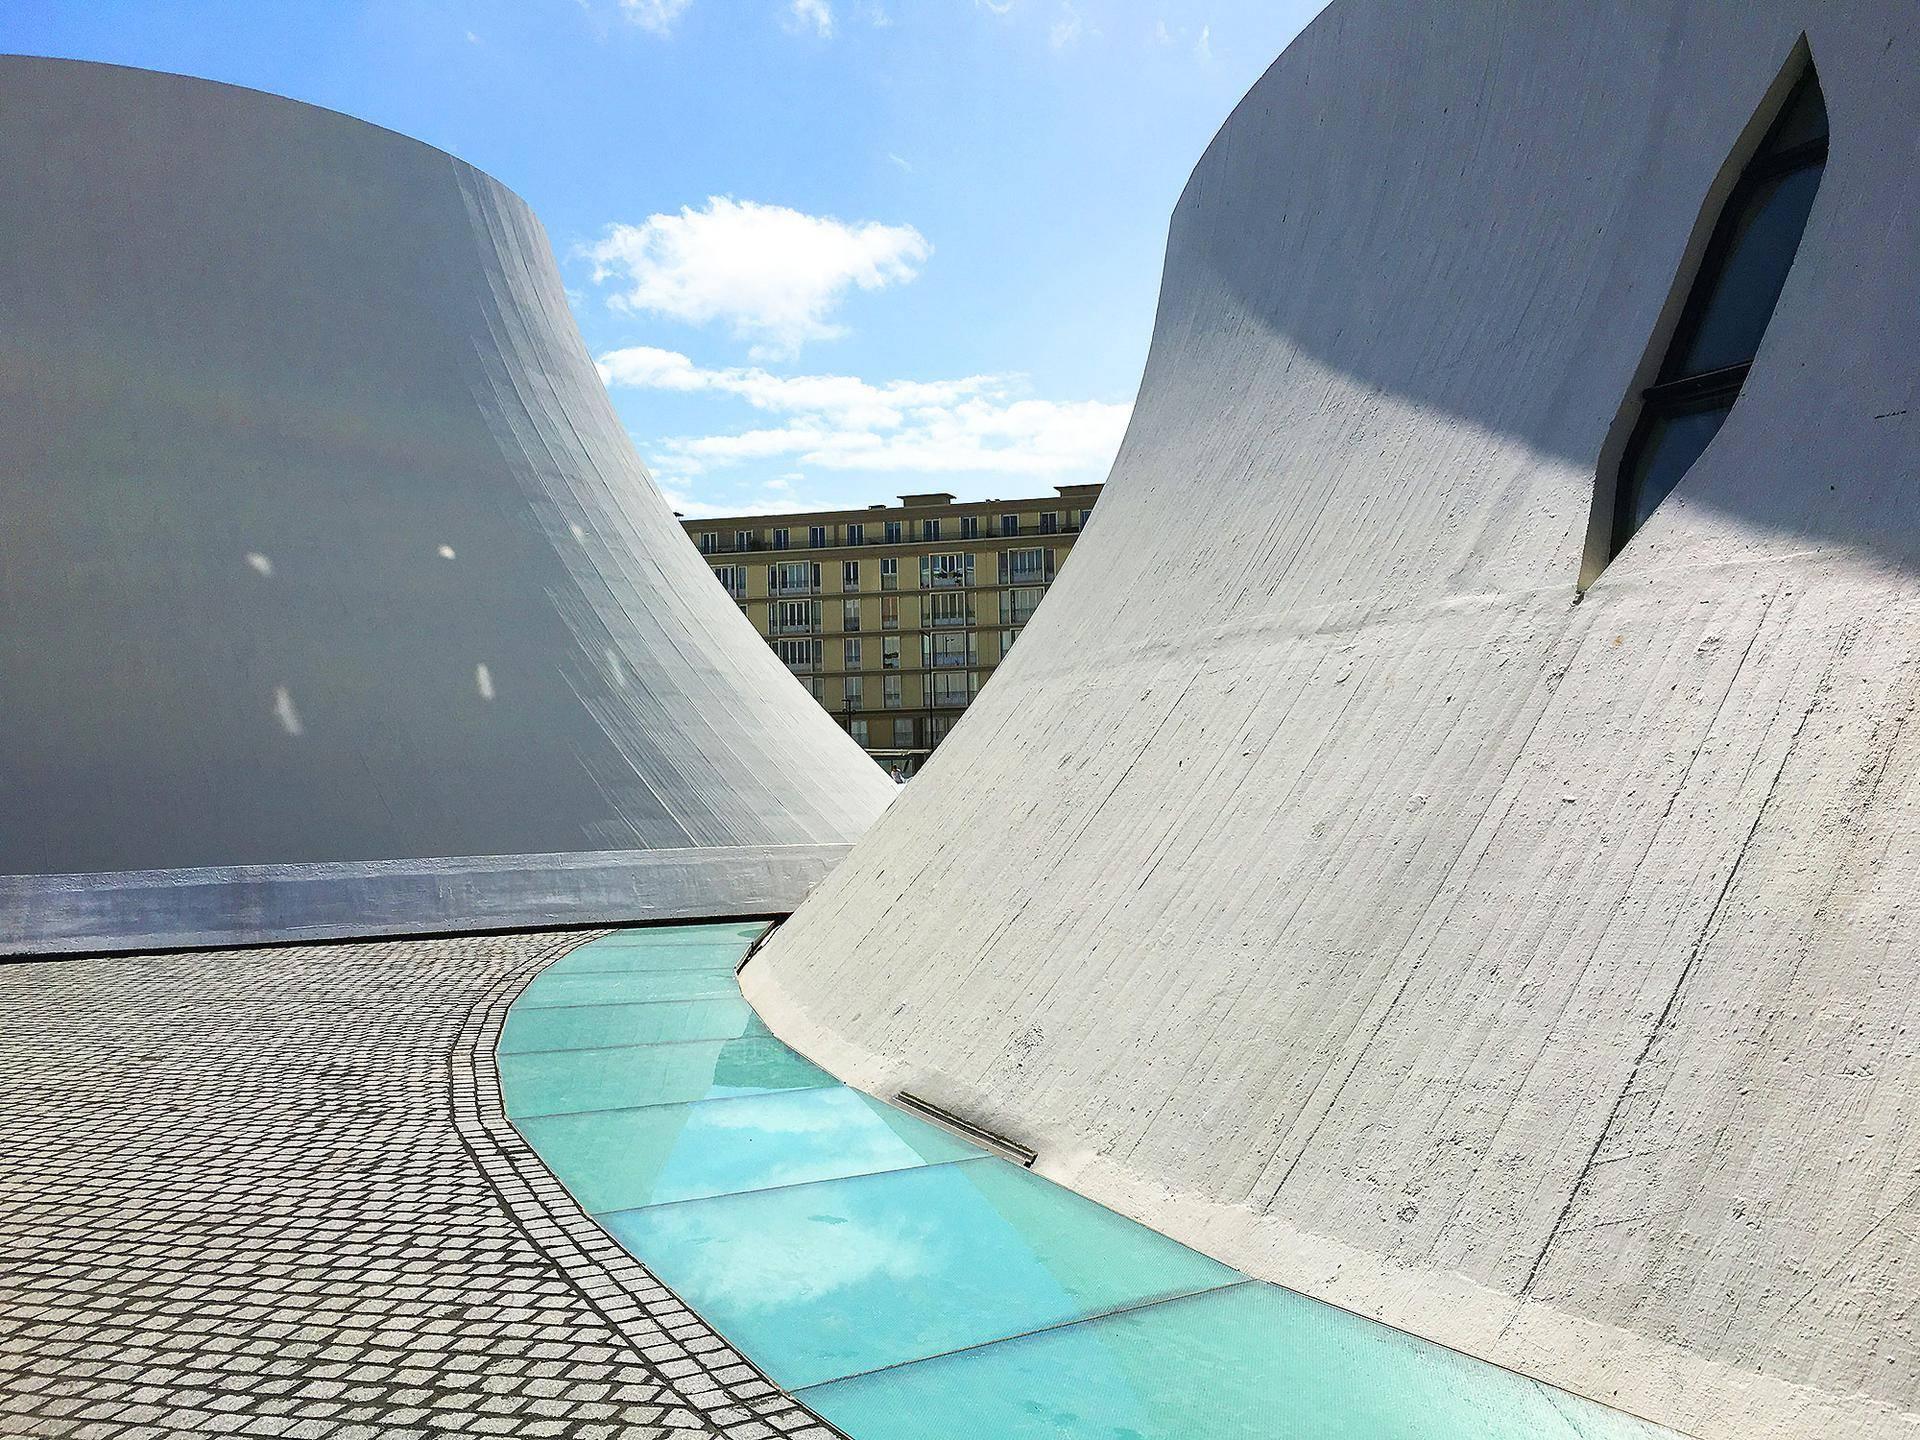 Obras de Niemeyer e Perret ao fundo